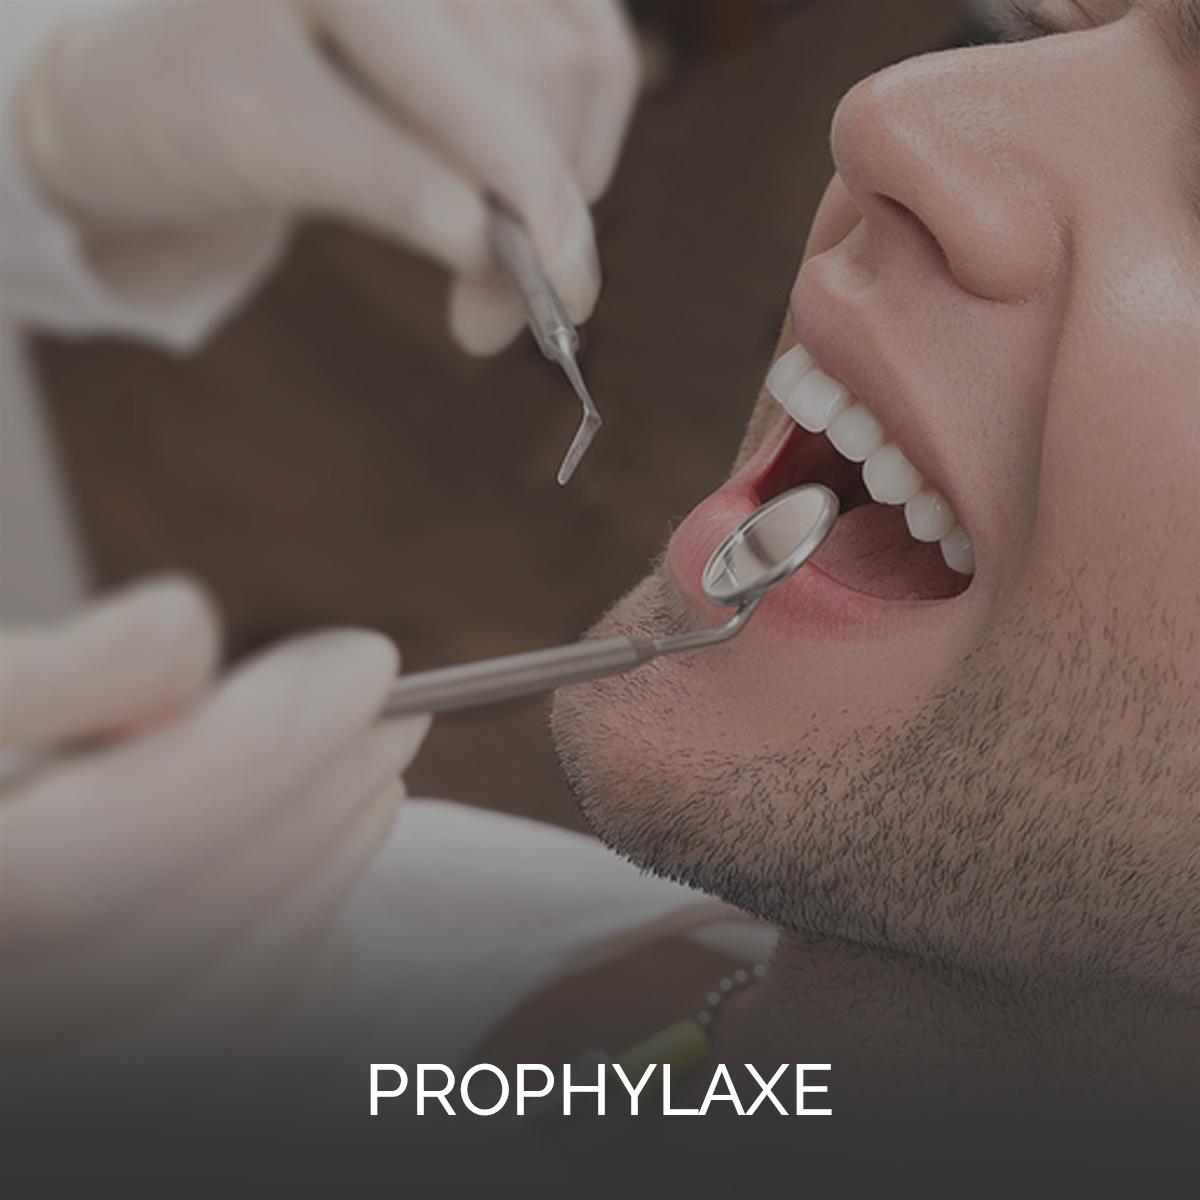 Prophylaxe: Alle Bereiche der modernen Zahnmedizin und insbesondere die Bereiche der ästhetischen Zahnmedizin sind heutzutage unzertrennlich mit dem Begriff der Individualprophylaxe verbunden.